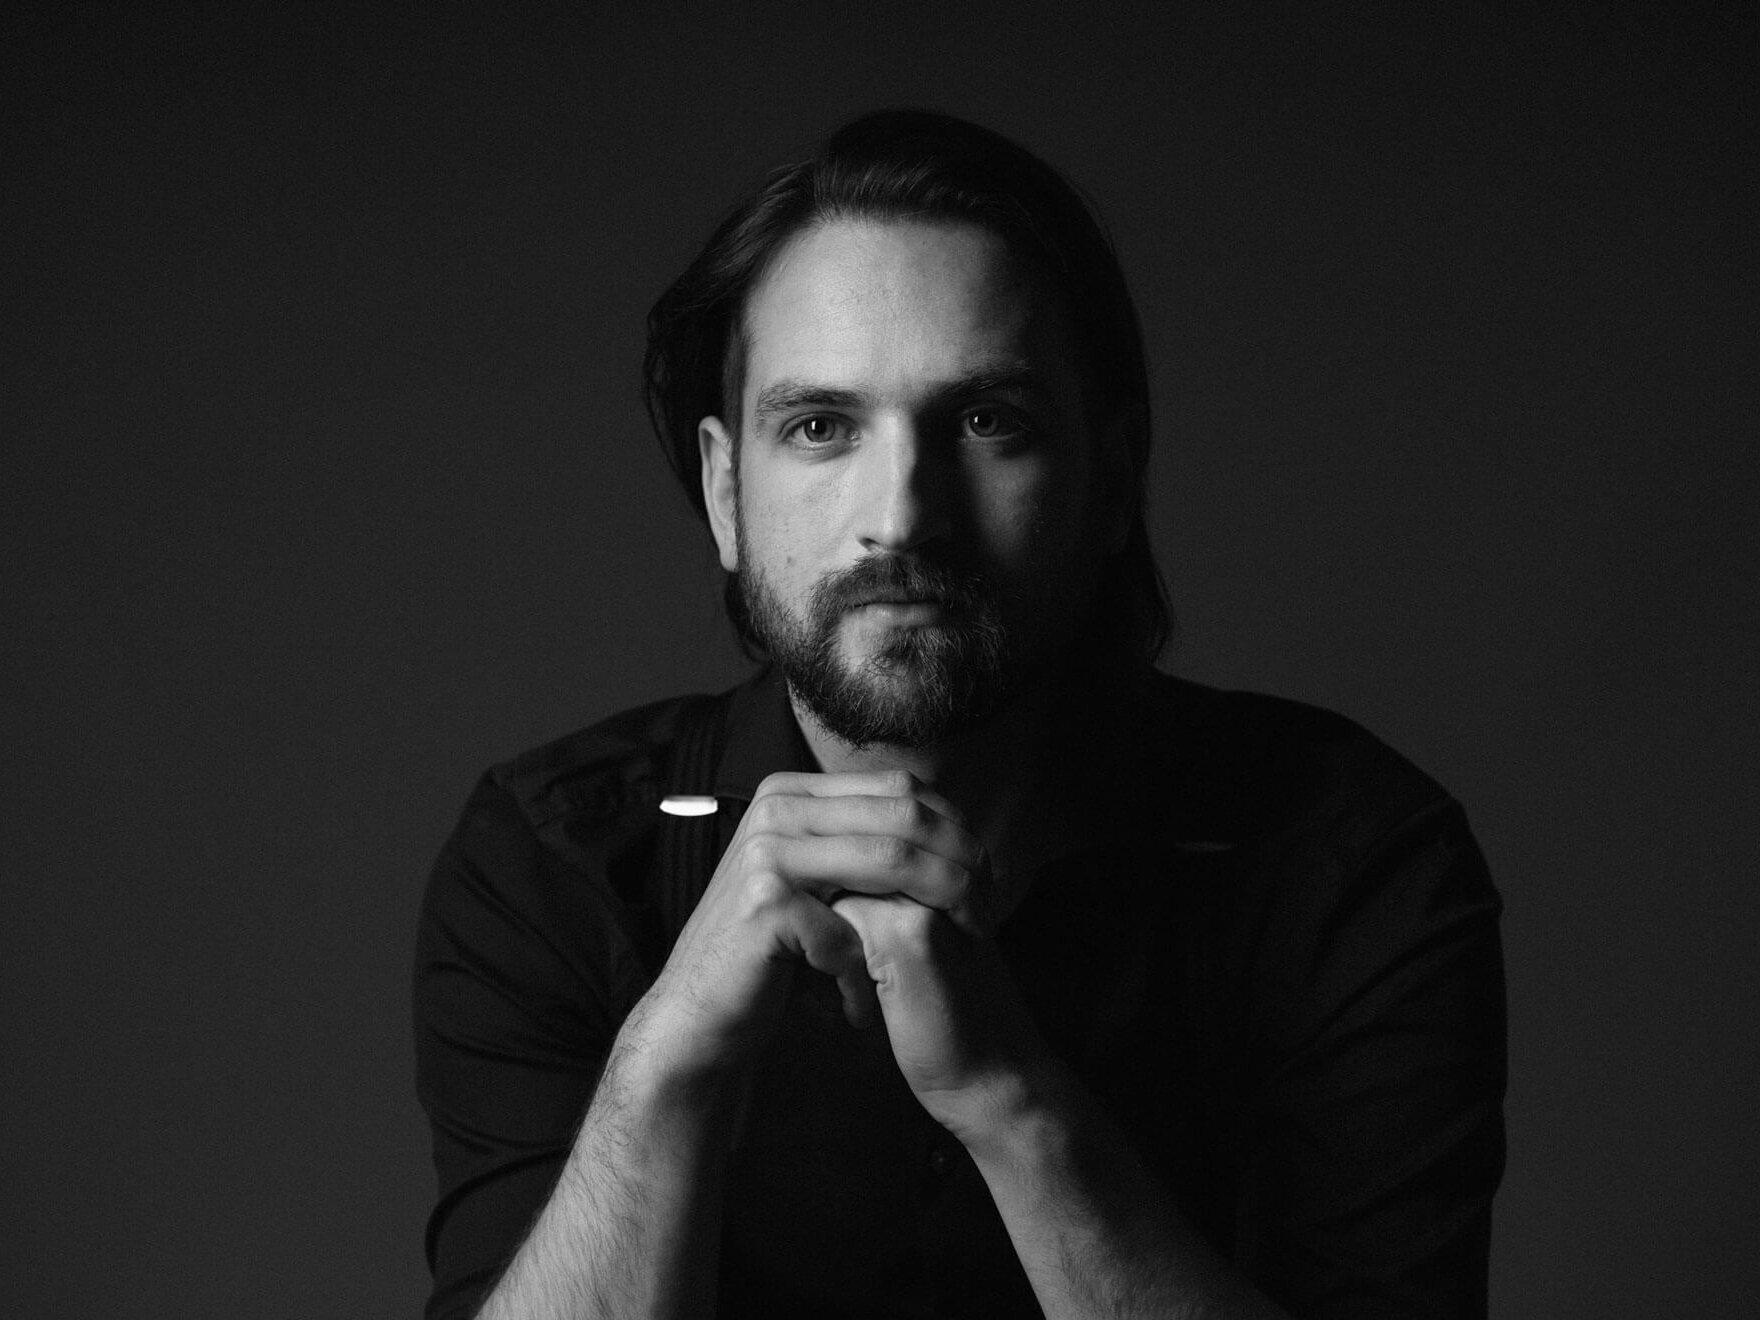 Pressebild 2020 Porträt in schwarzweiß von Benedikt ter Braak, Pianist und Komponist (c) Rebecca ter Braak